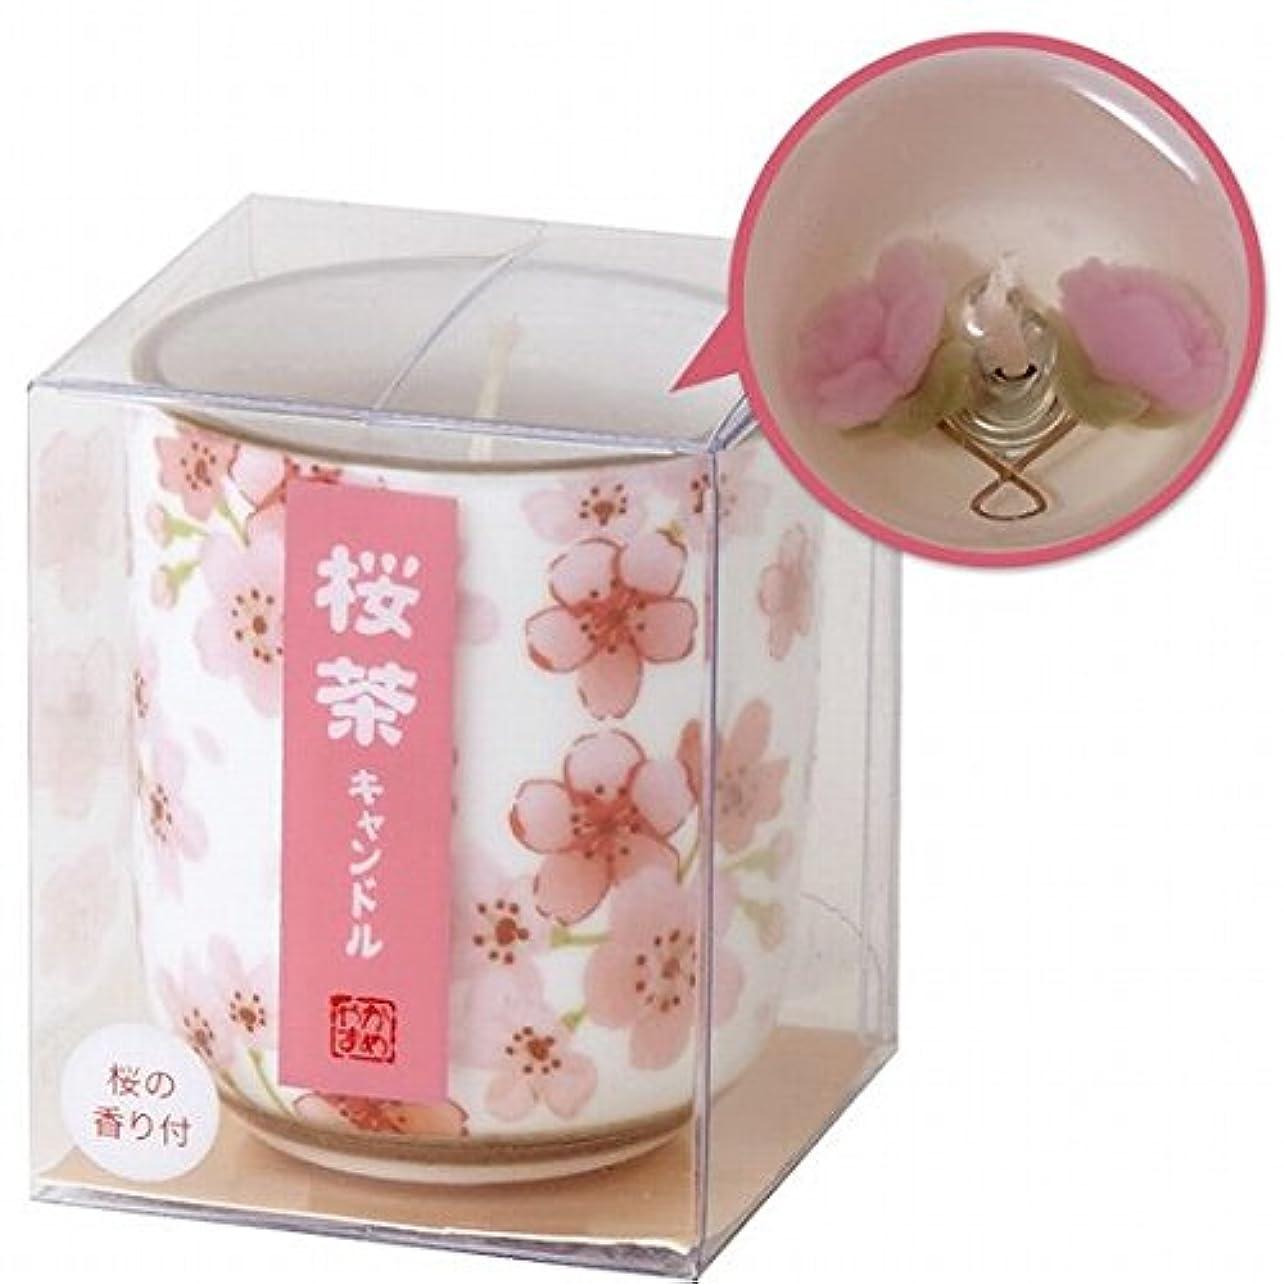 ソファーピザバッジカメヤマキャンドル(kameyama candle) 桜茶キャンドル(小)